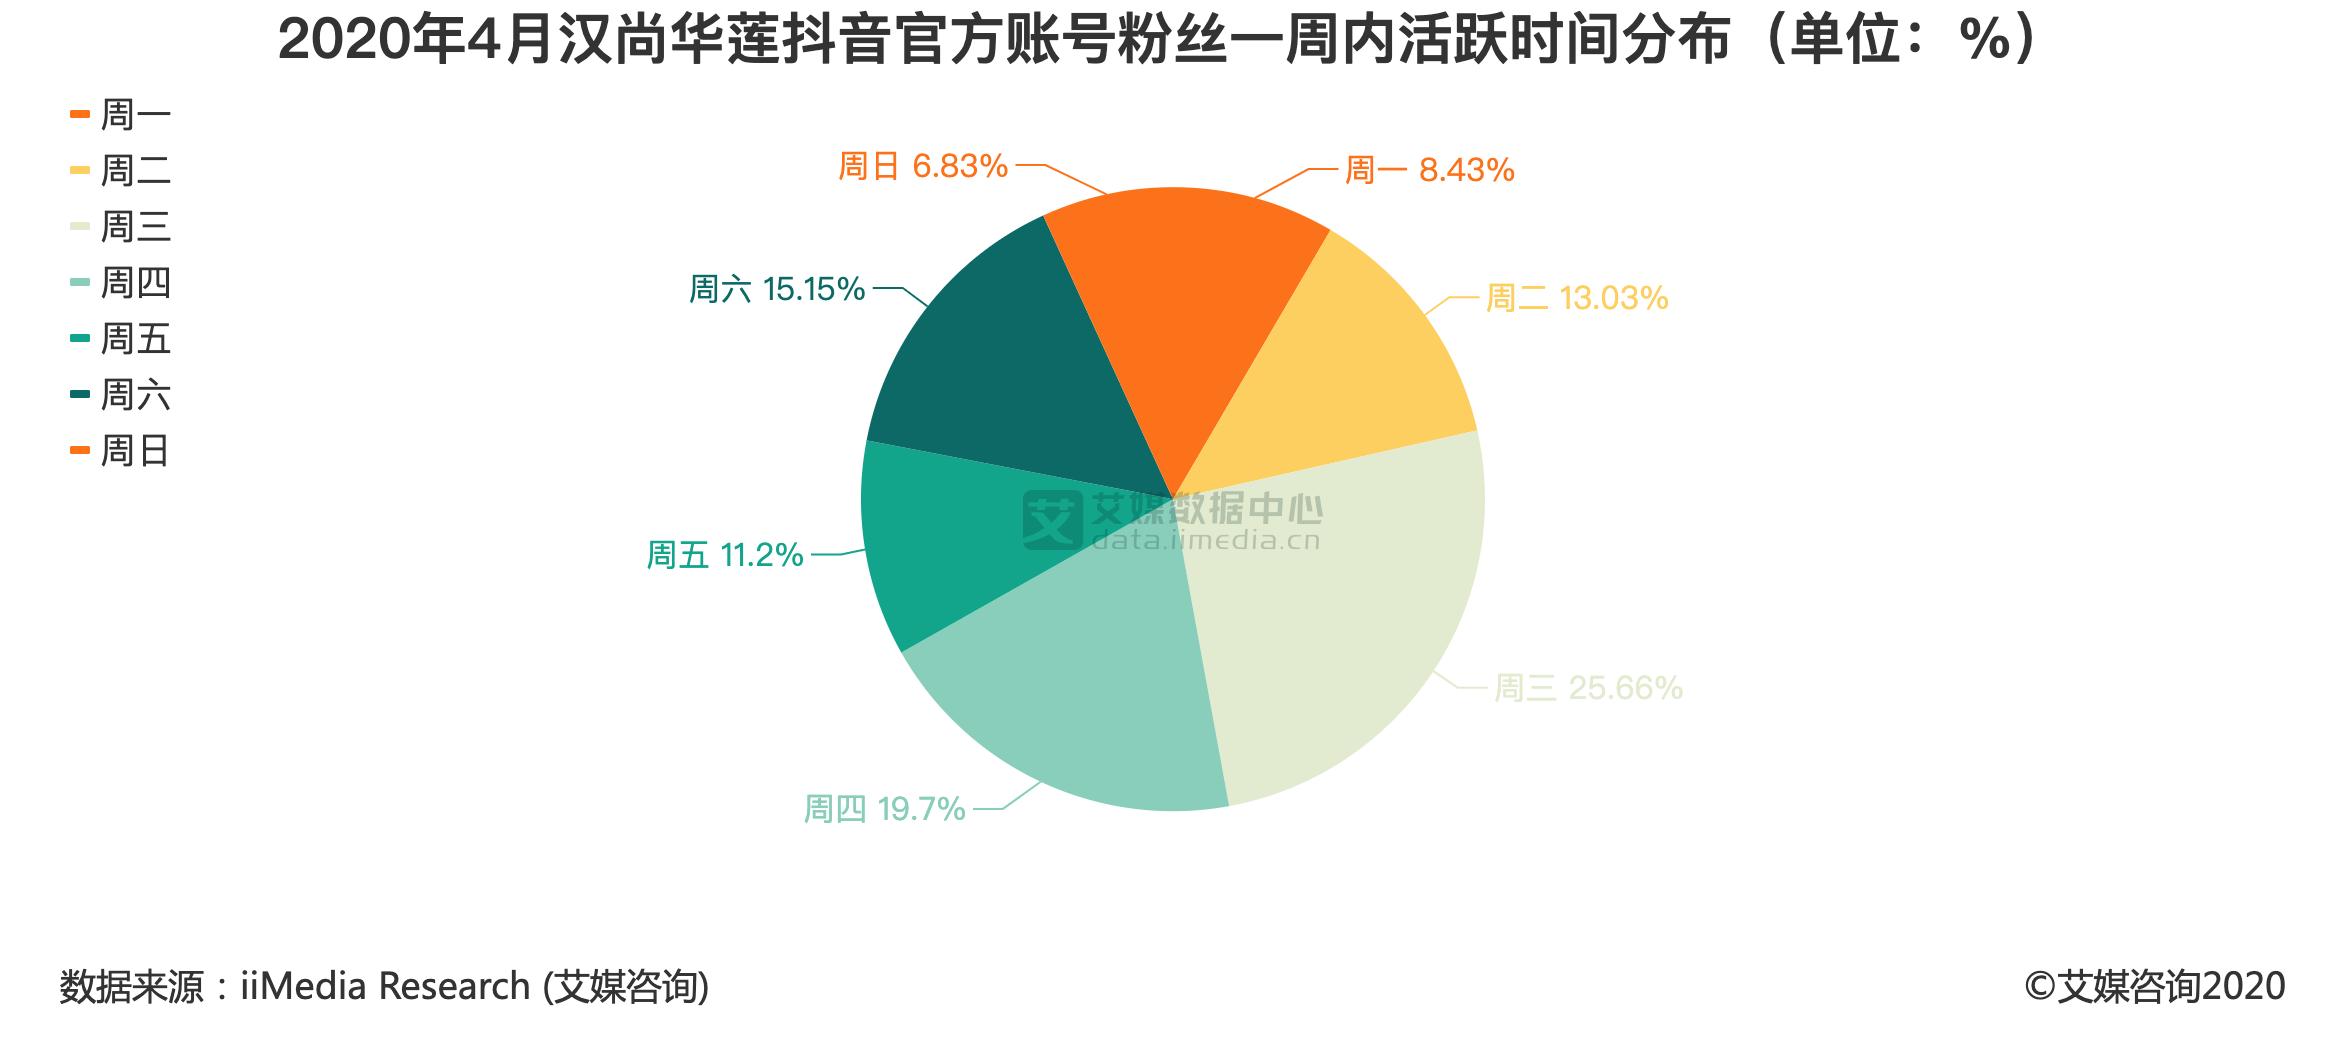 2020年4月汉尚华莲抖音官方账号粉丝一周内活跃时间分布(单位:%)